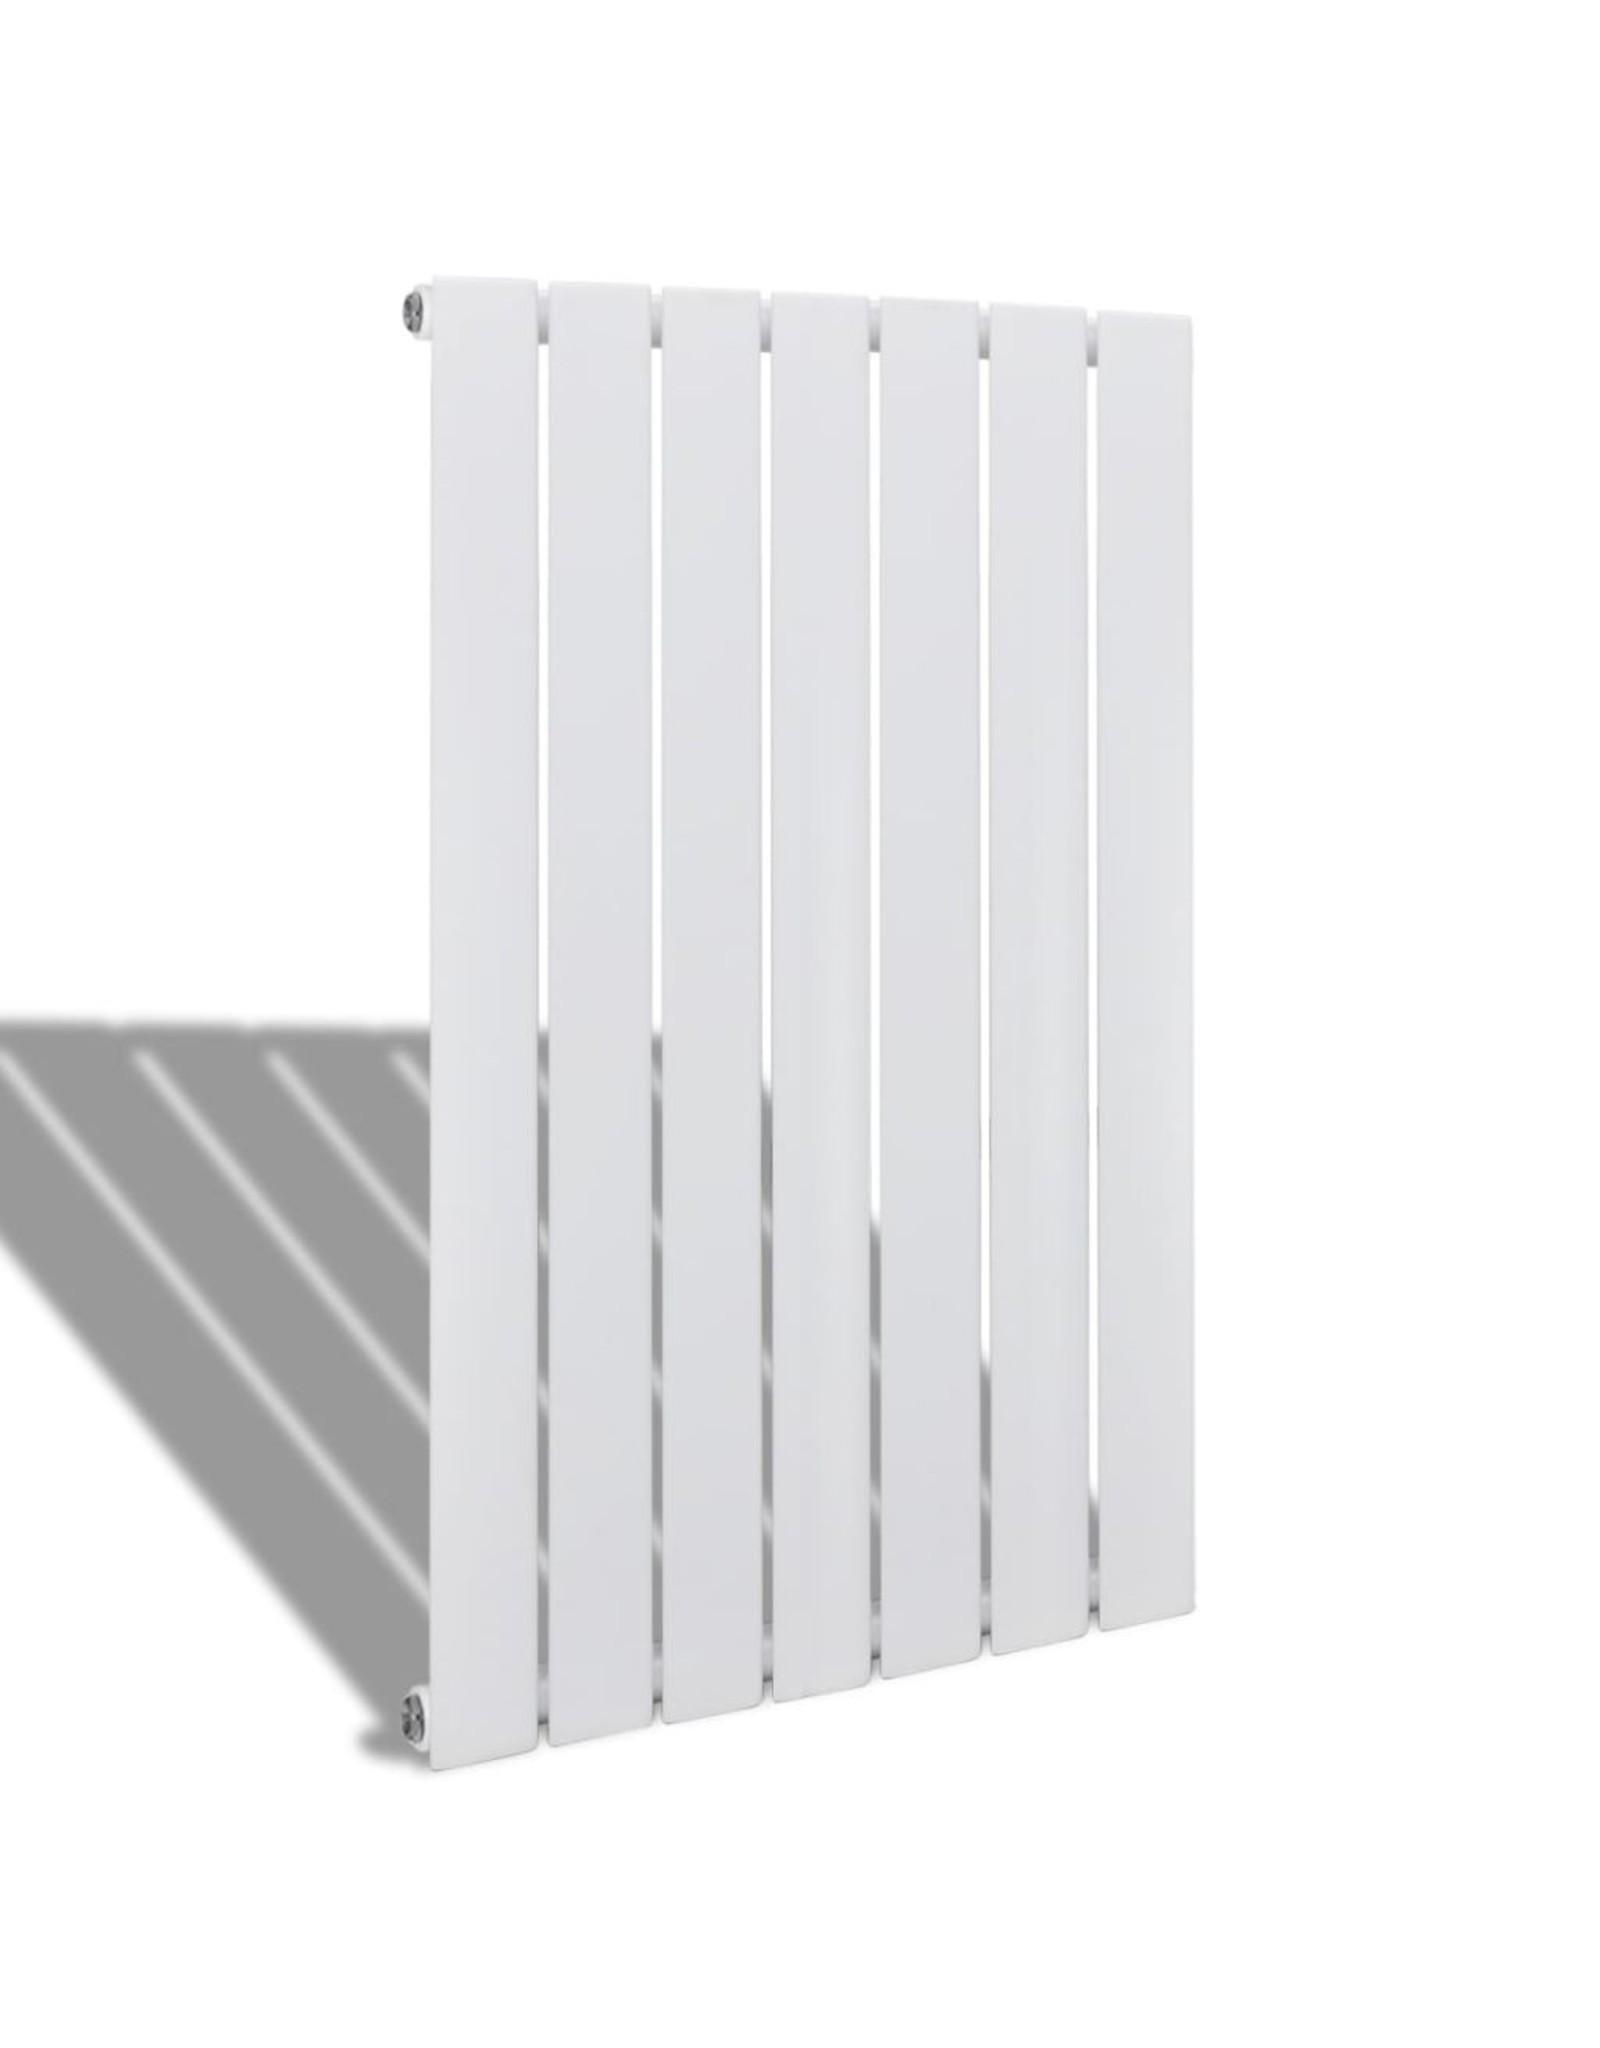 Enkele verwarmingsradiator wit 542 mm x 900 mm plus handdoekrek